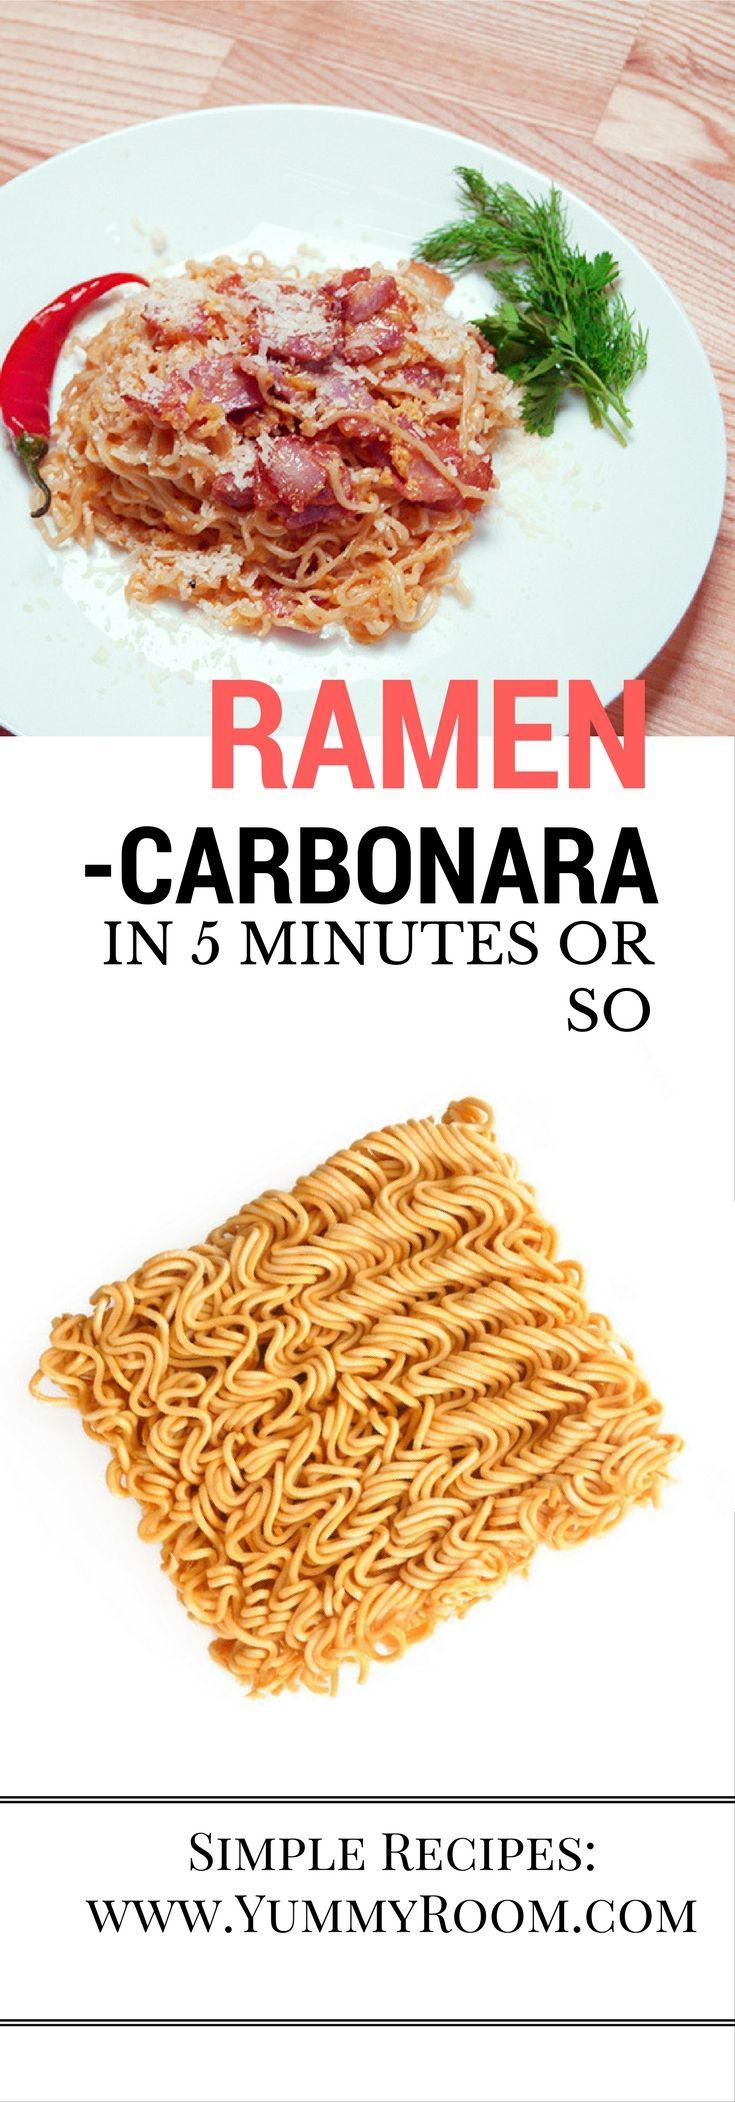 Simple yet tasty Ramen Carbonara recipe by #Yummyroom